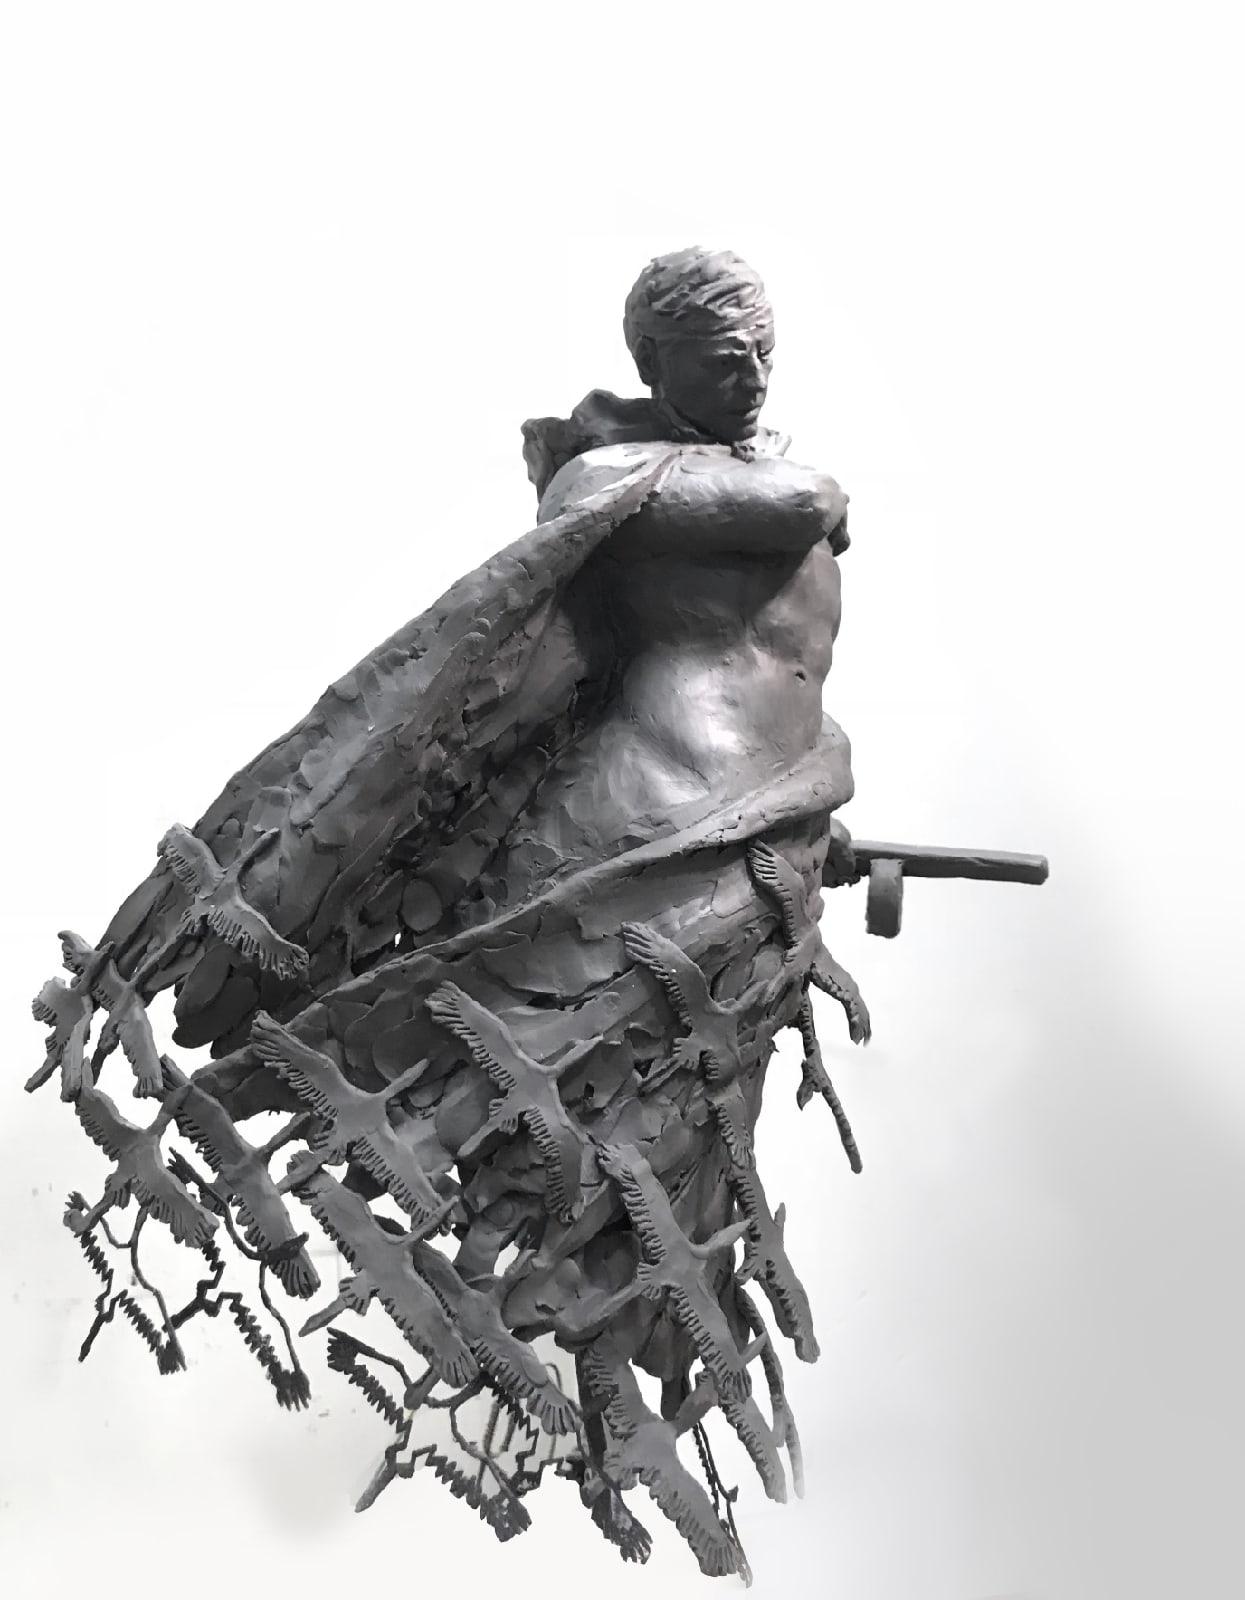 Омолодить и убрать пафос: каким мог быть Ржевский солдат